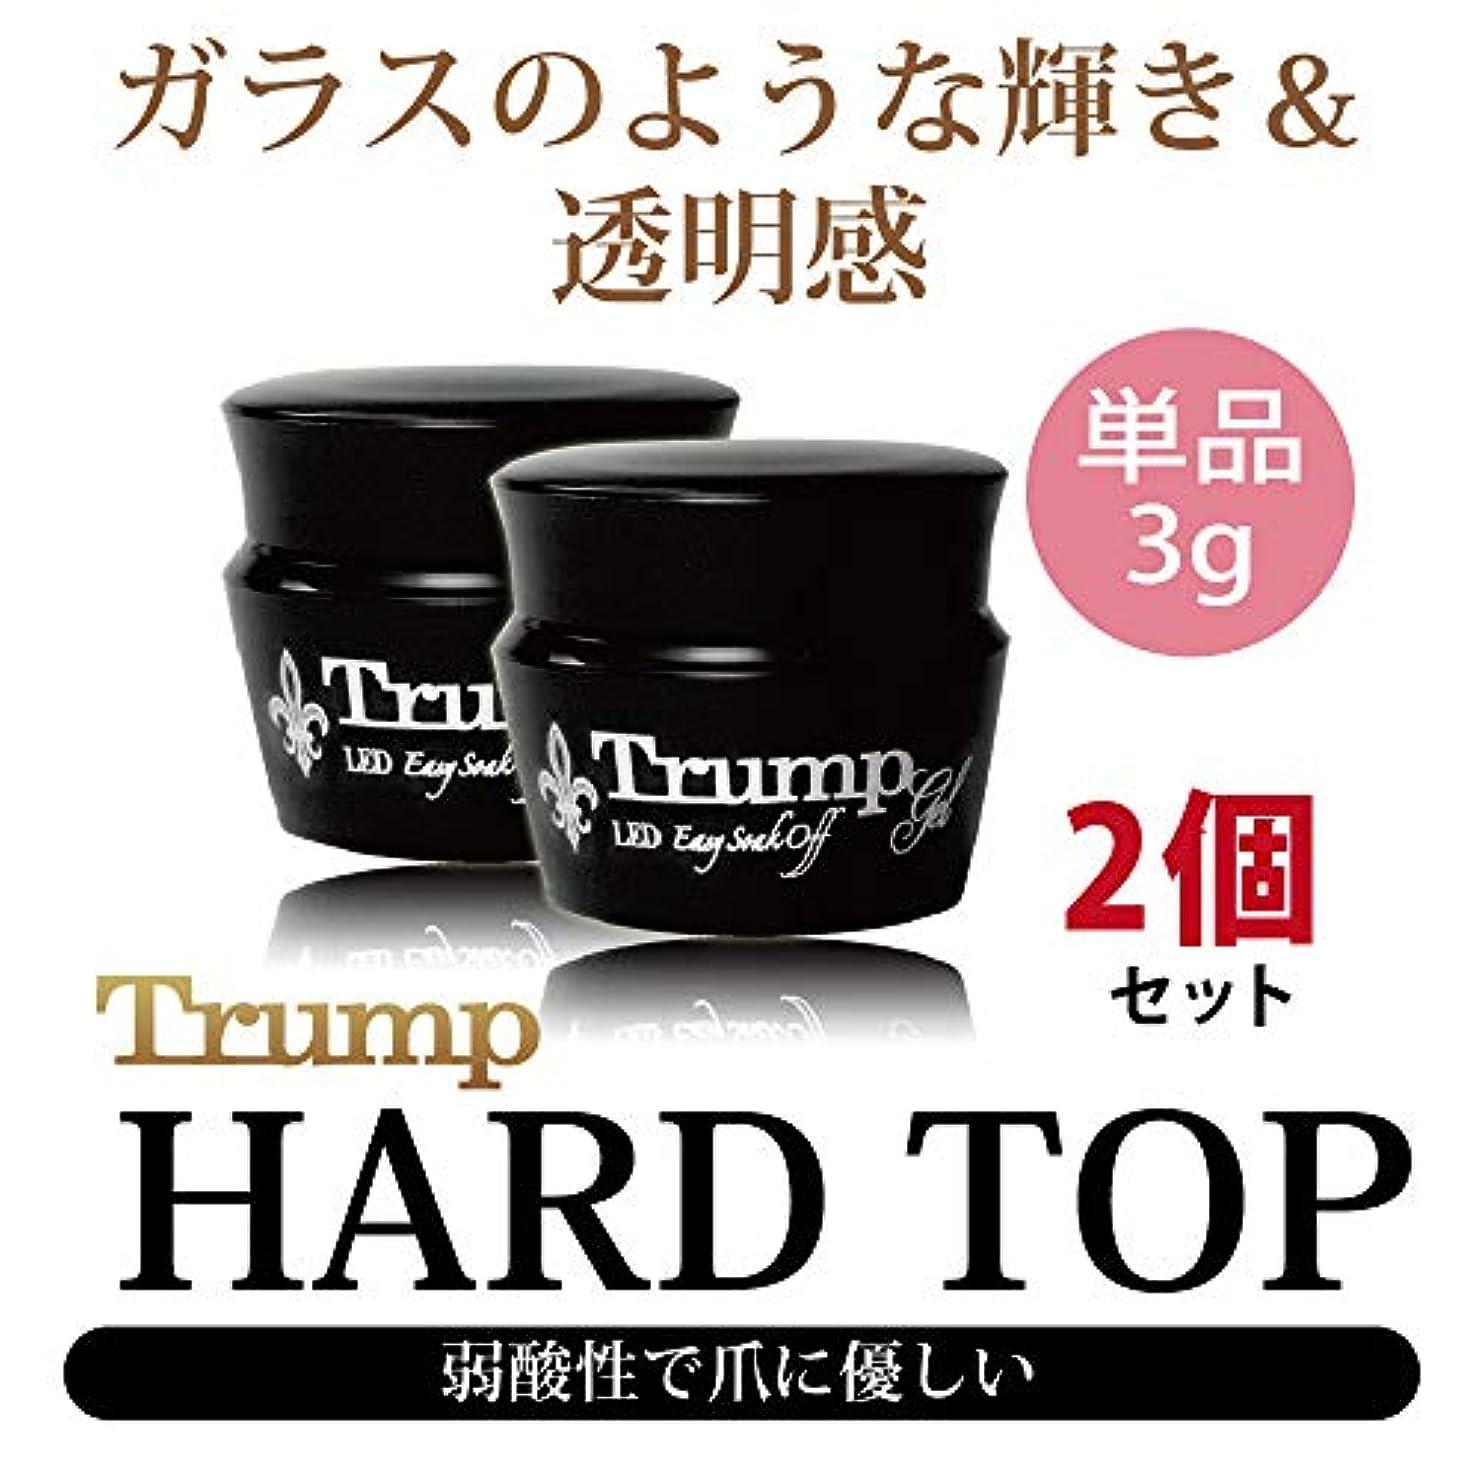 人気ミキサー謝罪するTrump gel ハードクリアージェル 3g 2個セット